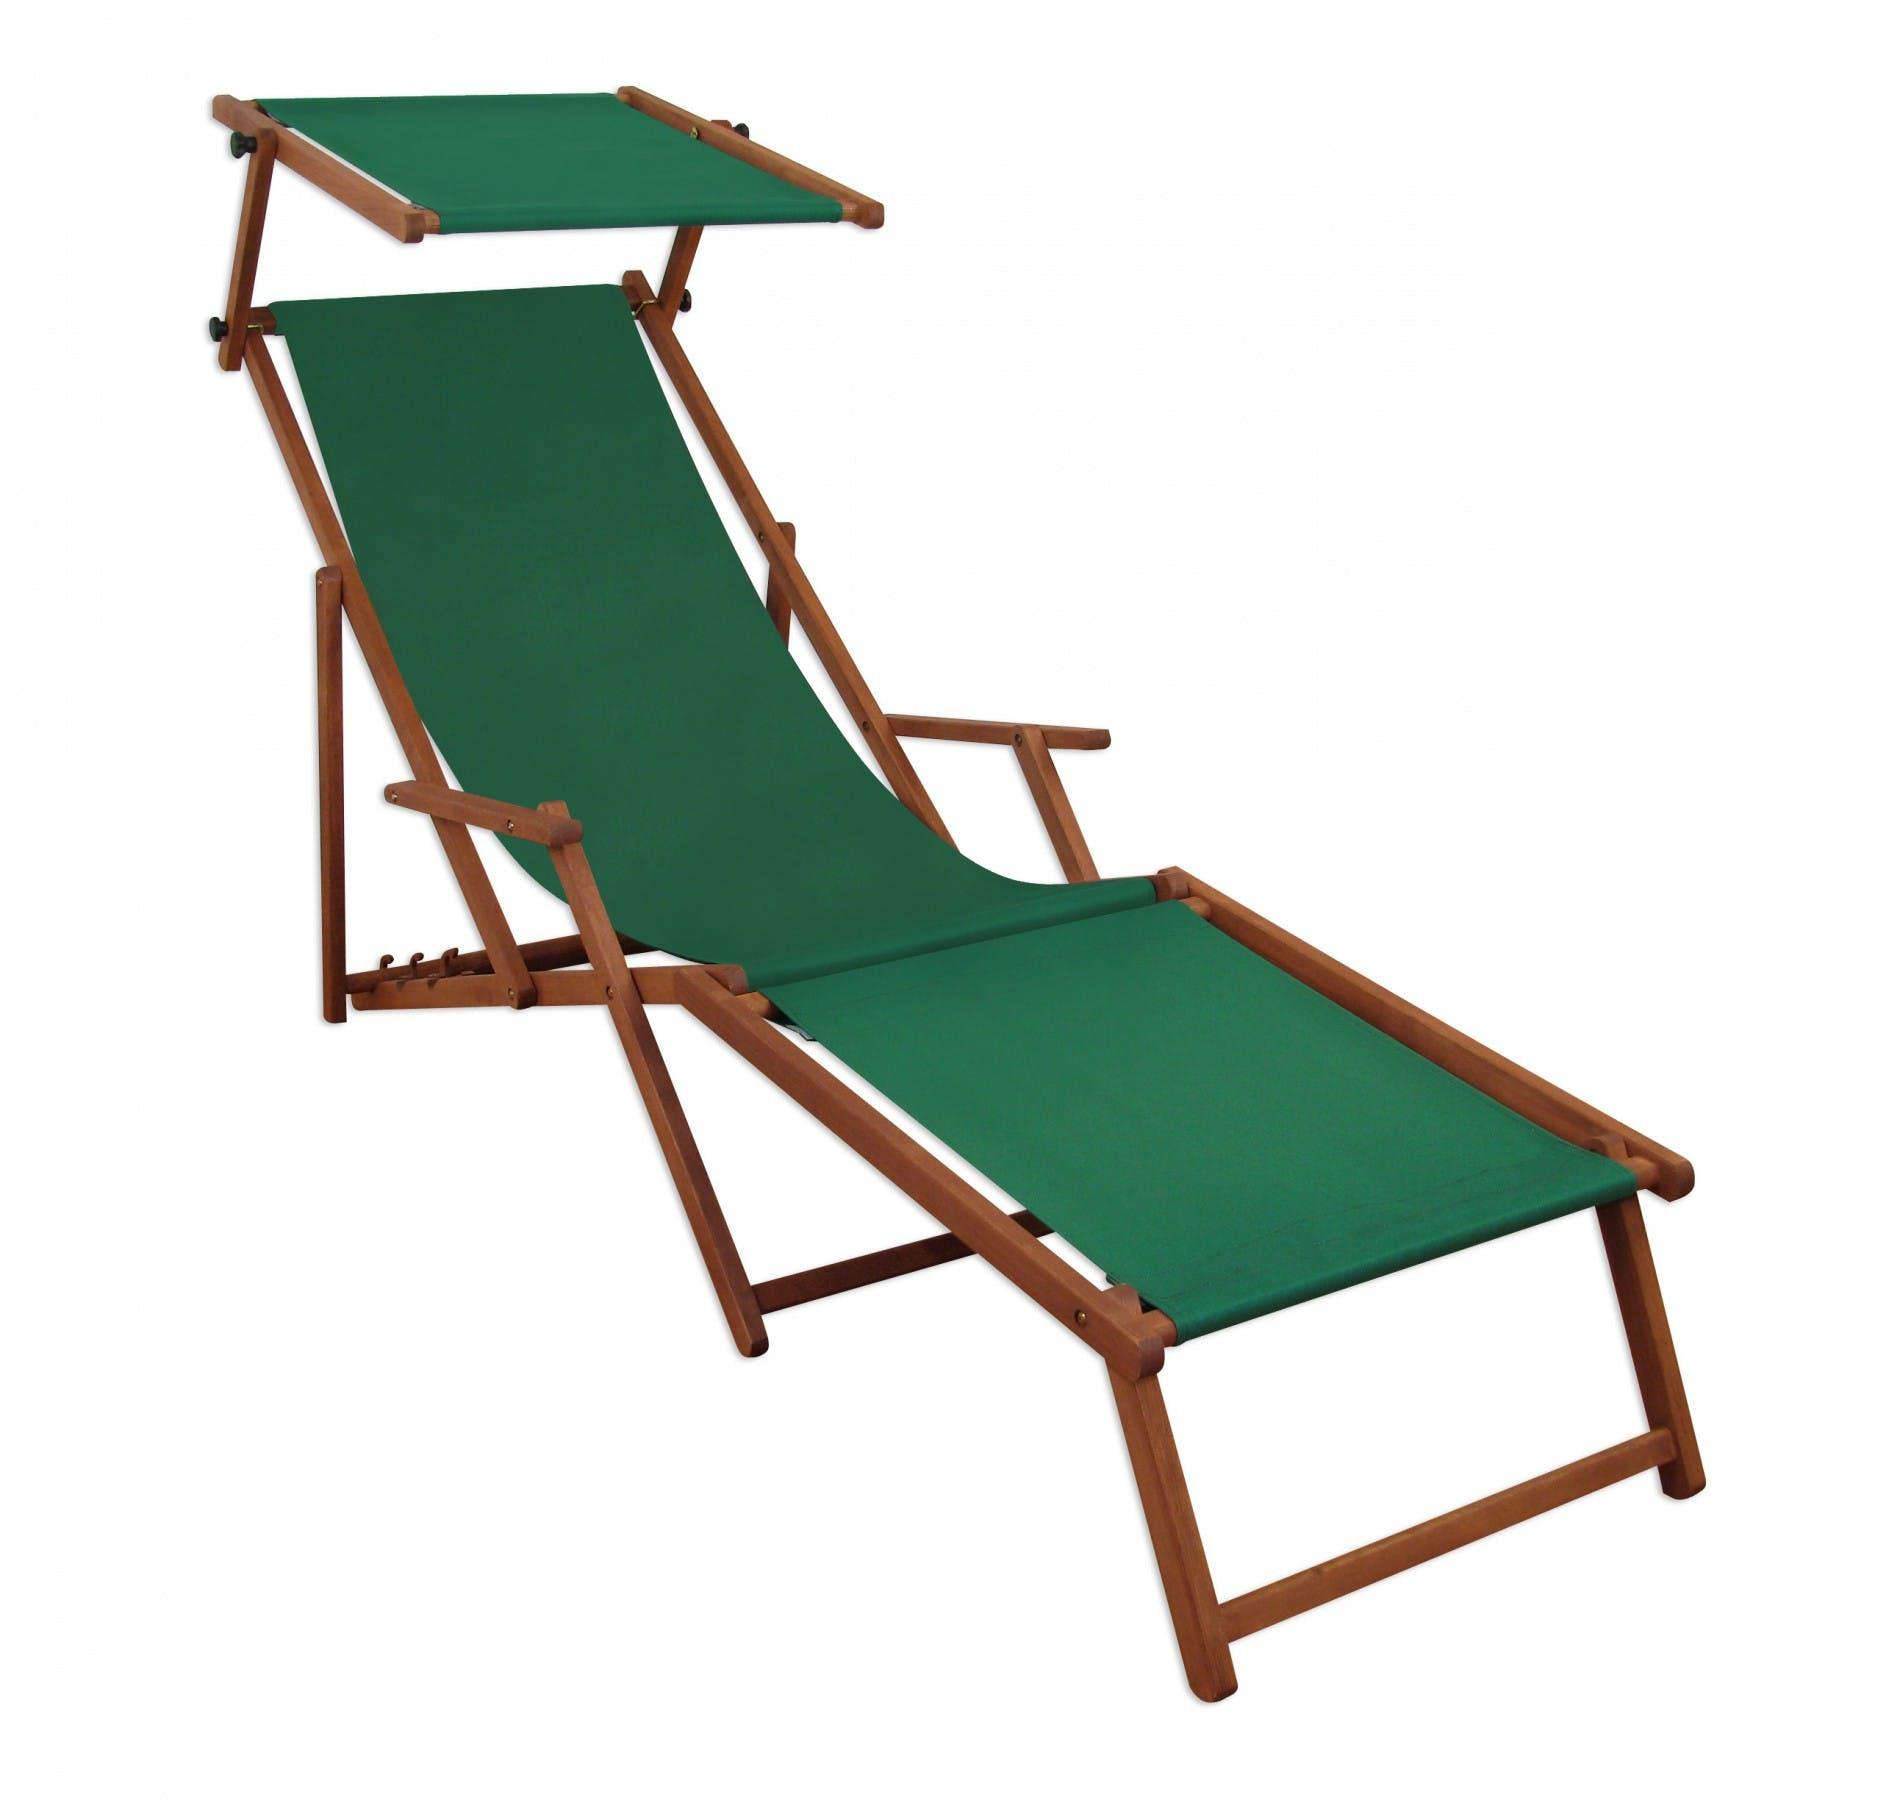 Liegestuhl Sonnenliege Grun Fussablage Sonnendach Gartenliege Holz Deckchair Gartenmobel 10 304fs Metro Marktplatz